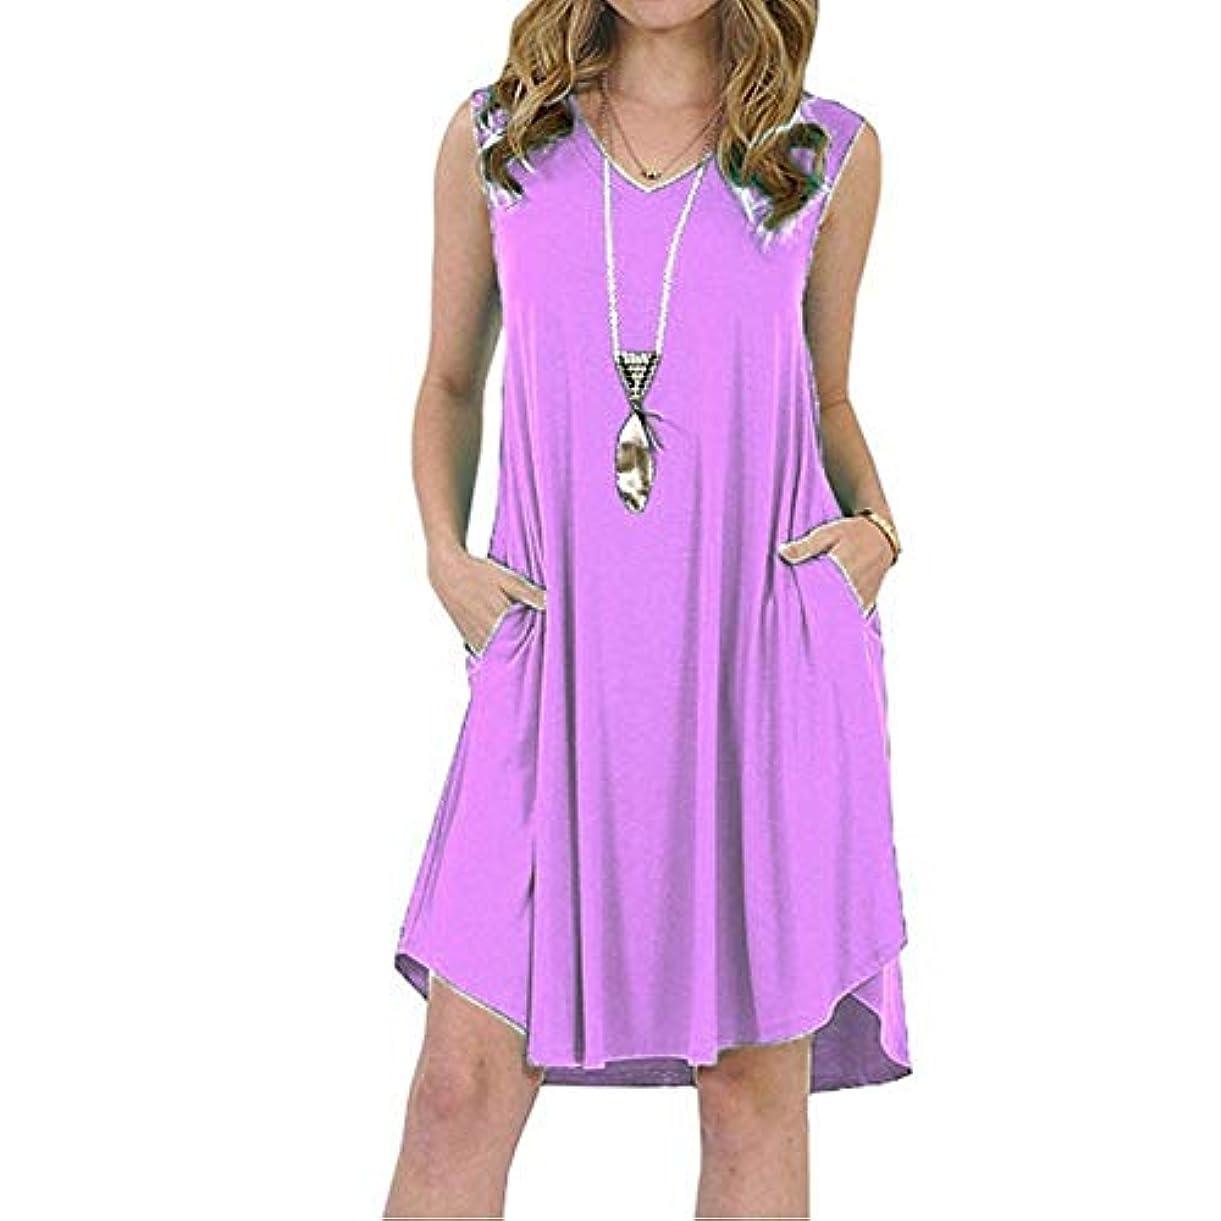 させるスポットスピーチMIFAN の女性のドレスカジュアルな不規則なドレスルースサマービーチTシャツドレス